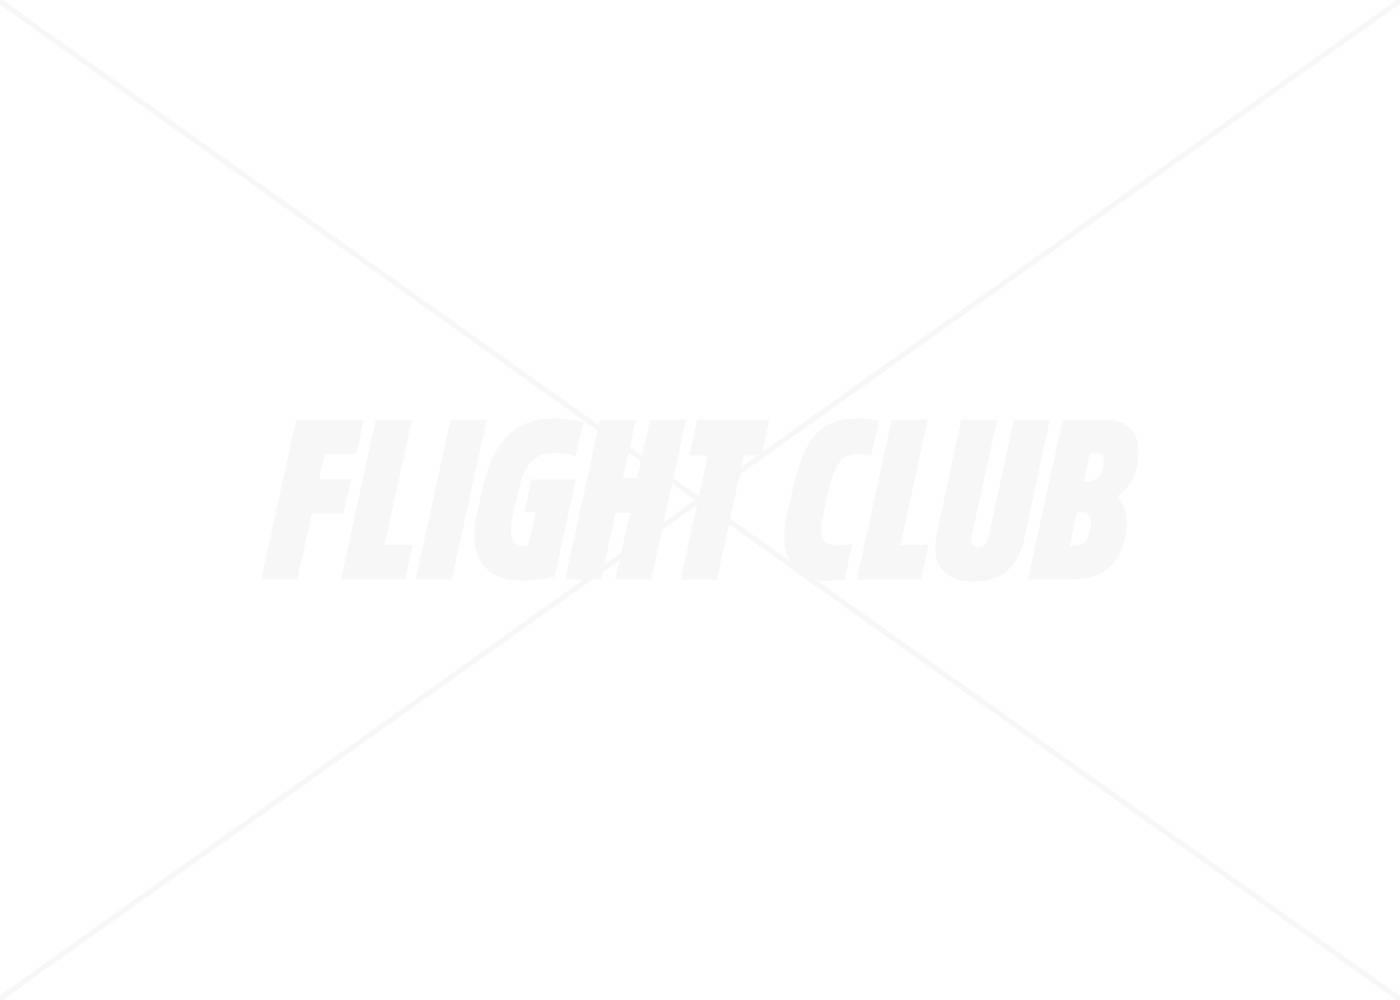 b7c8d1f7f86 ... Air Jordan 4 NRG